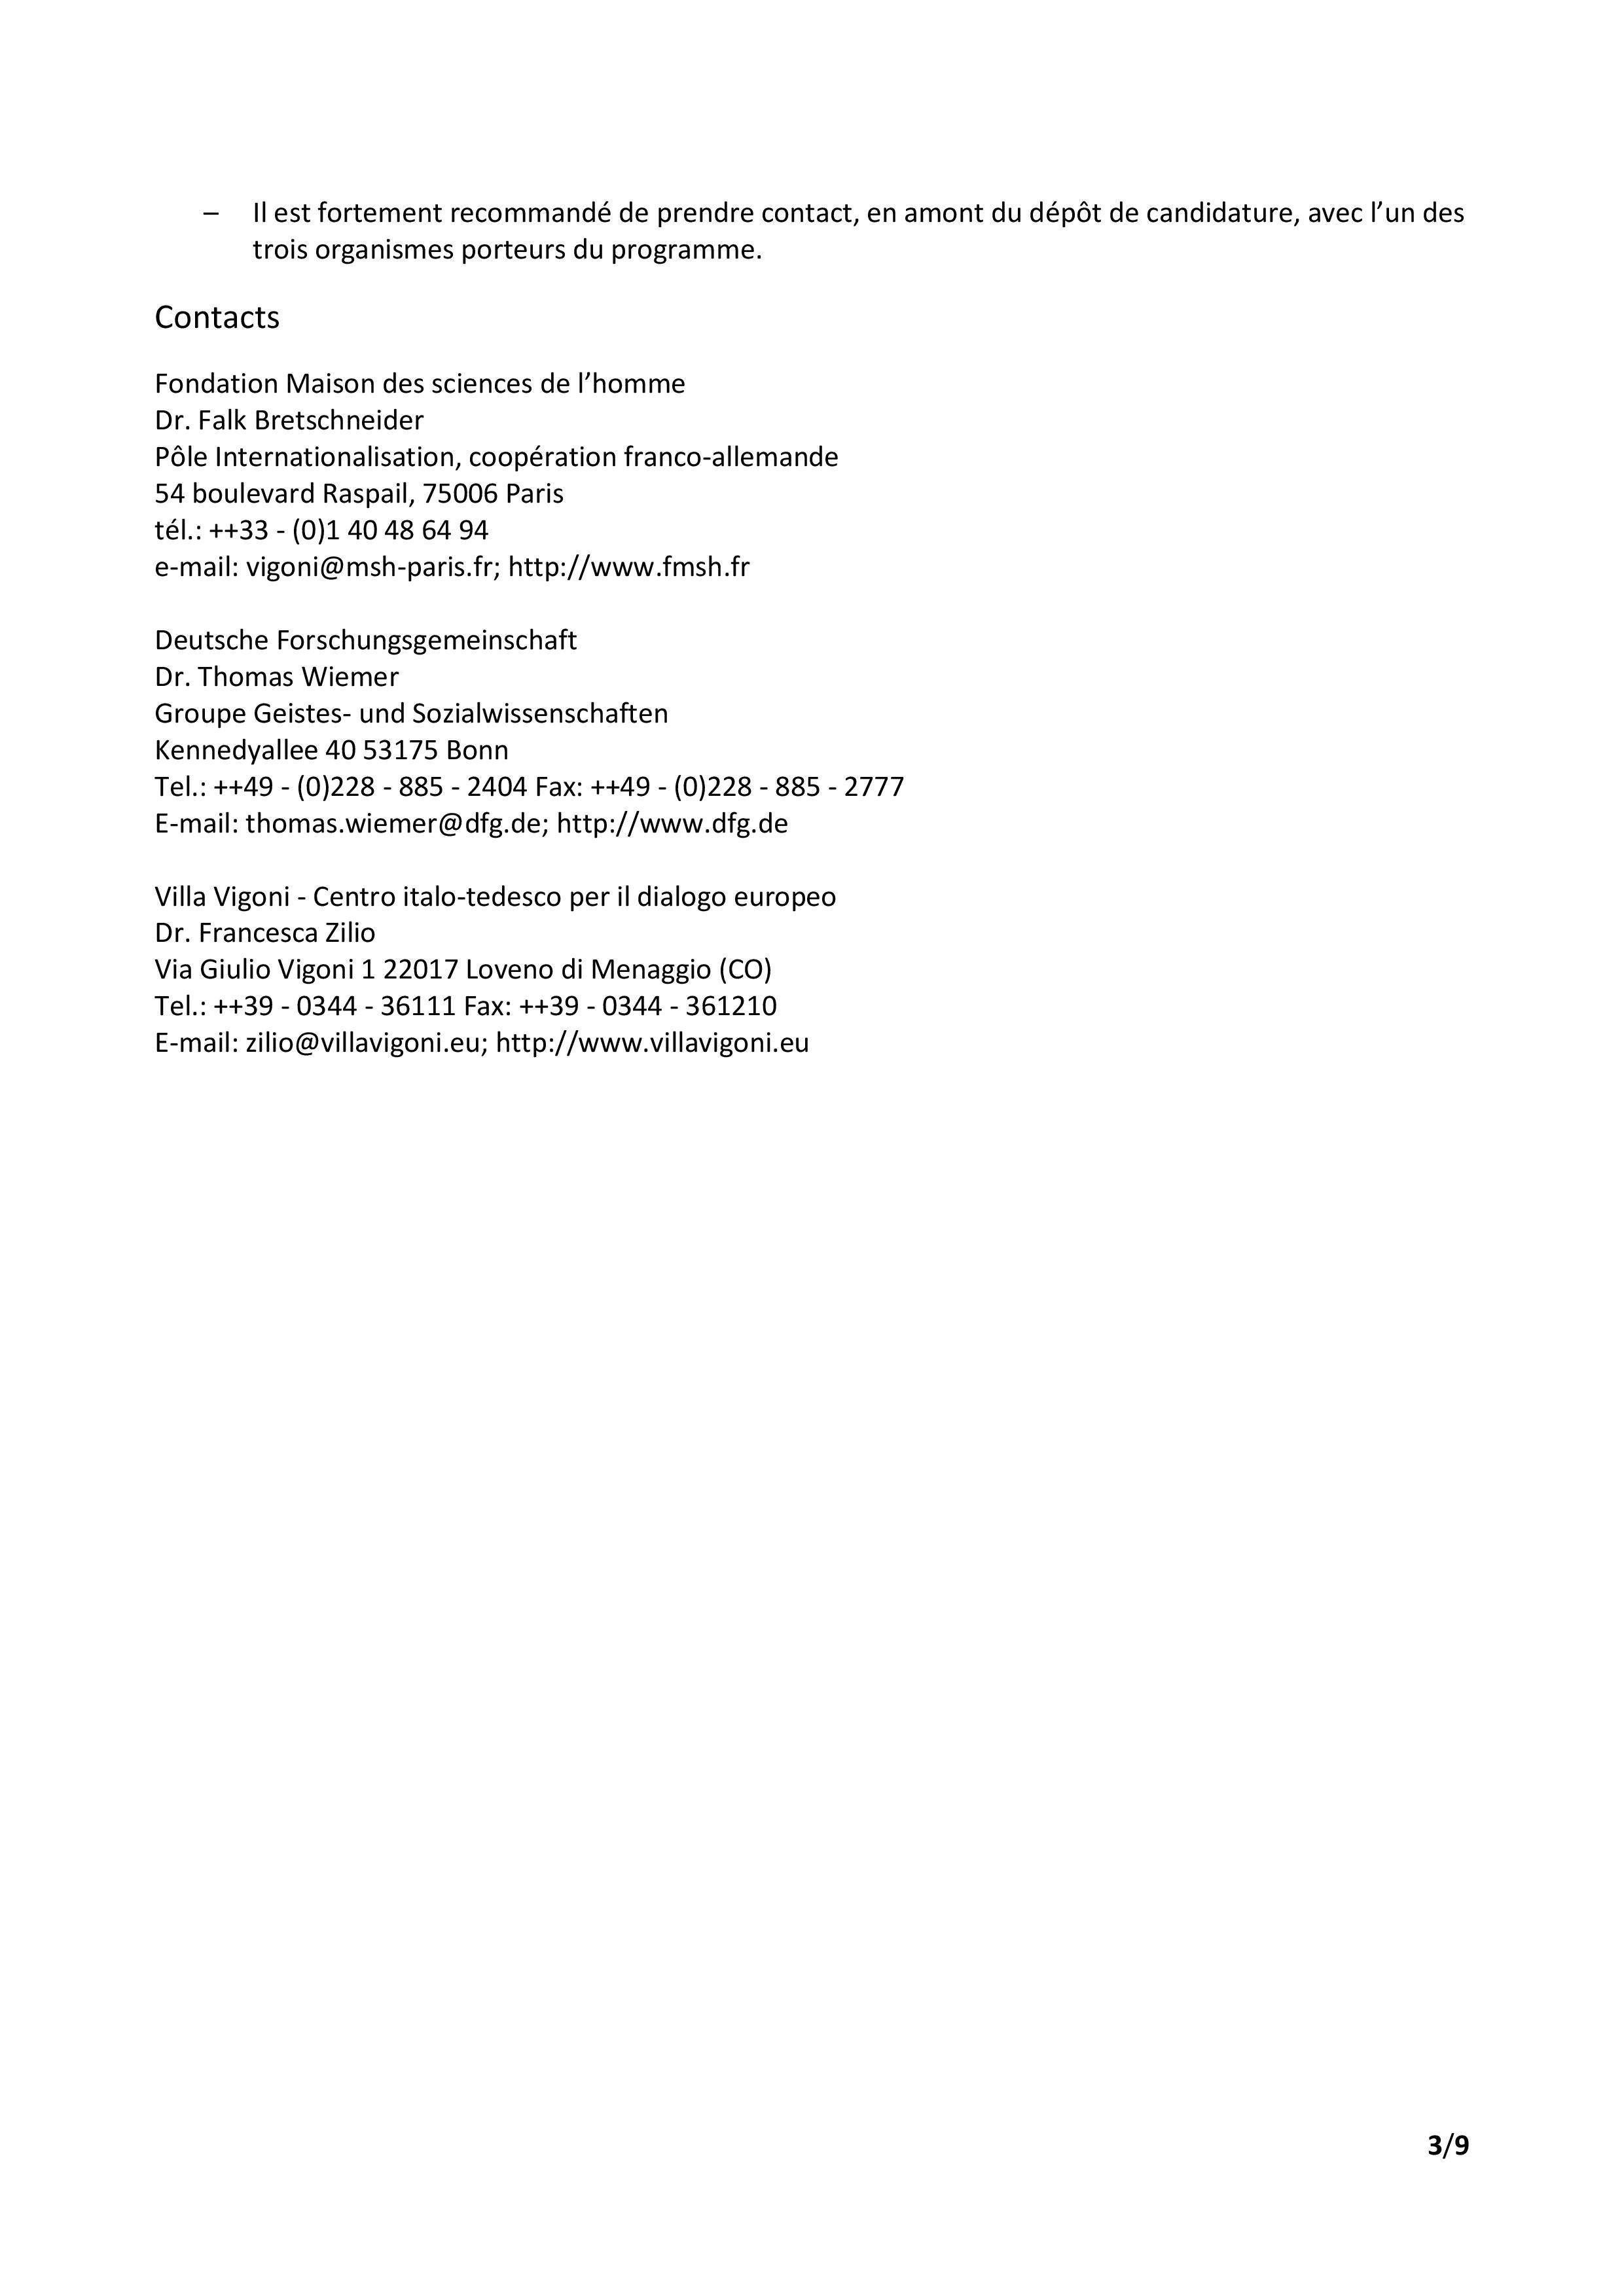 Conferenze-di-ricerca-trilaterali_2022-2024_BANDO-1-page-003